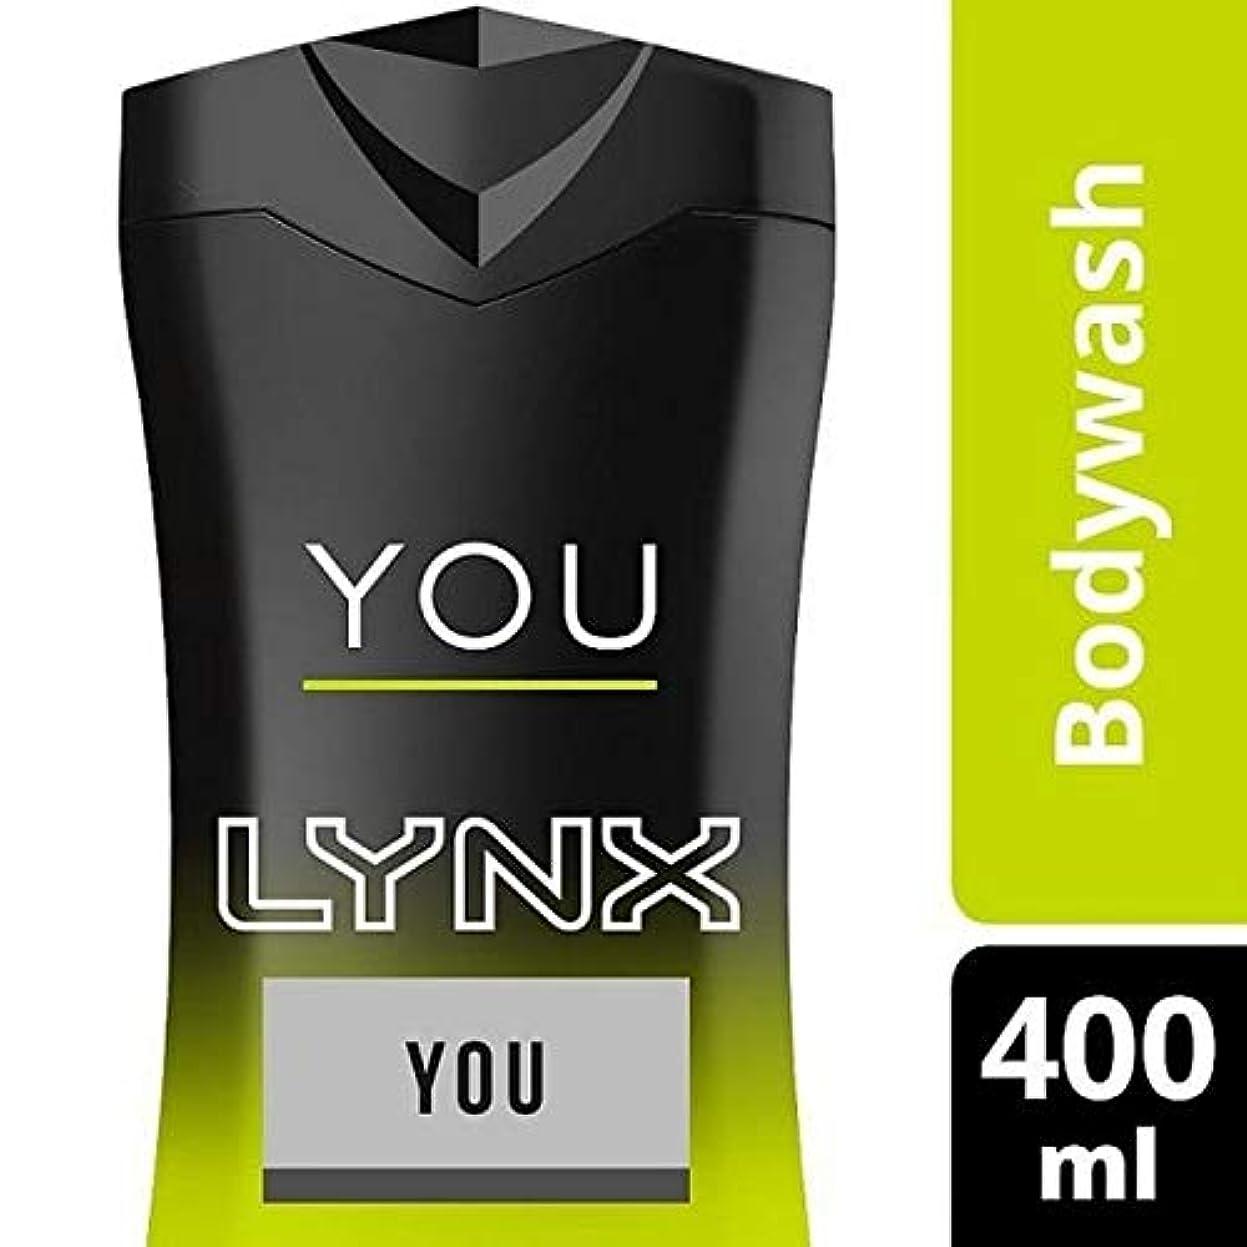 夜明け受取人成功した[Lynx ] あなたは400ミリリットルLynx - Lynx YOU 400ml [並行輸入品]